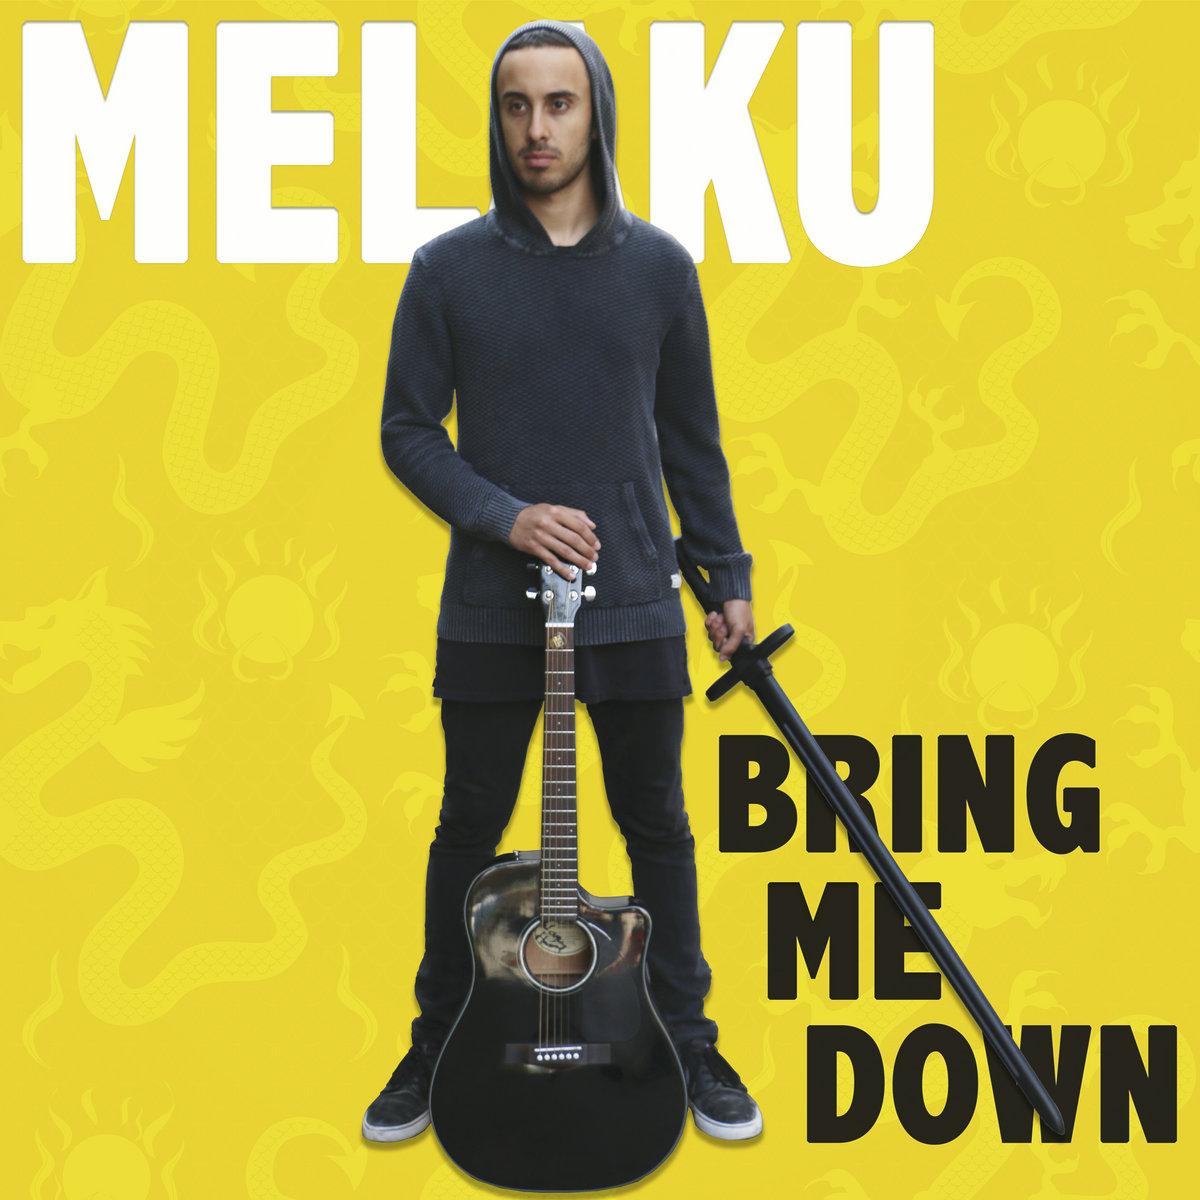 Bring Me Down by Melaku